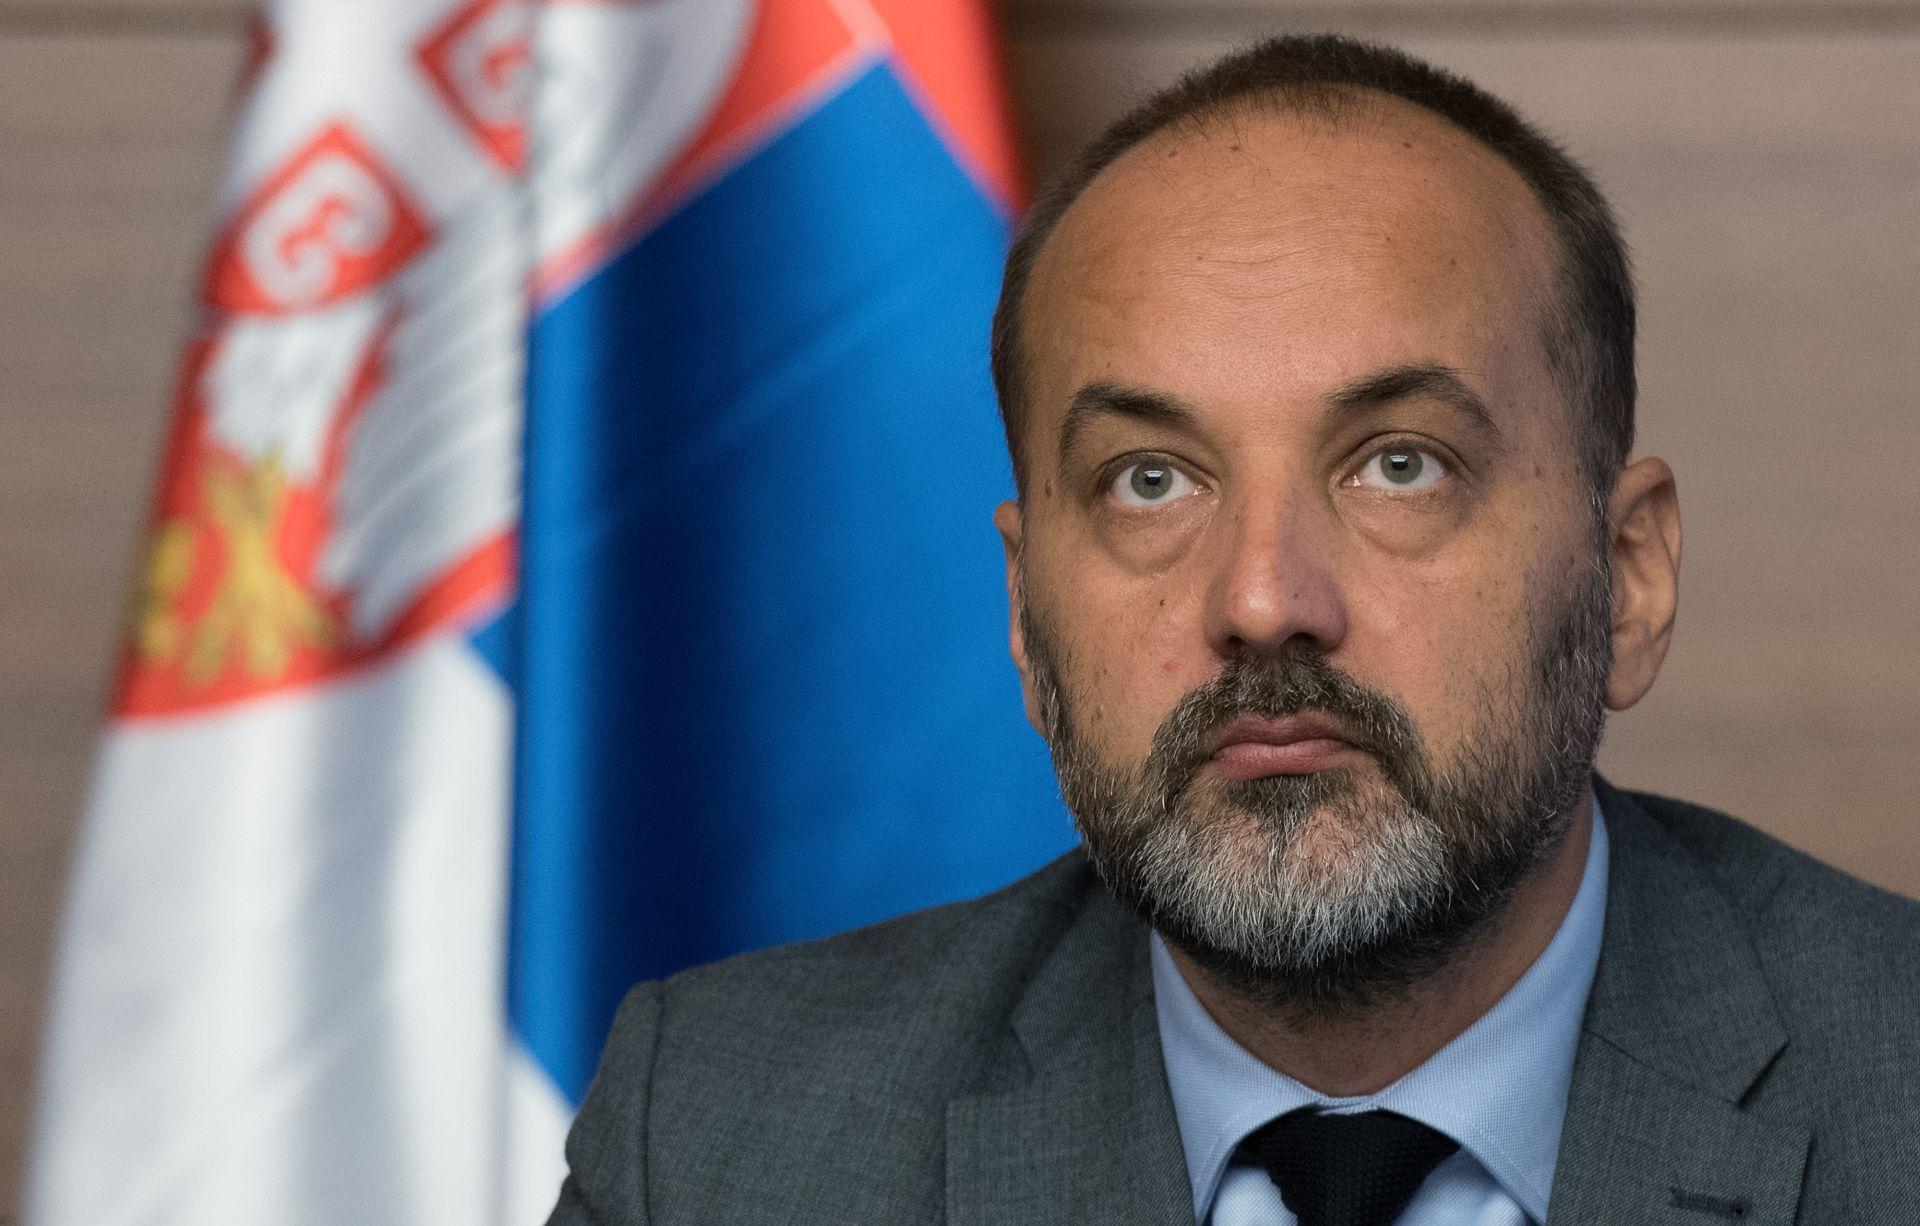 SRBIJA Pučki pravobranitelj Janković najavio kandidaturu za predsjednika države